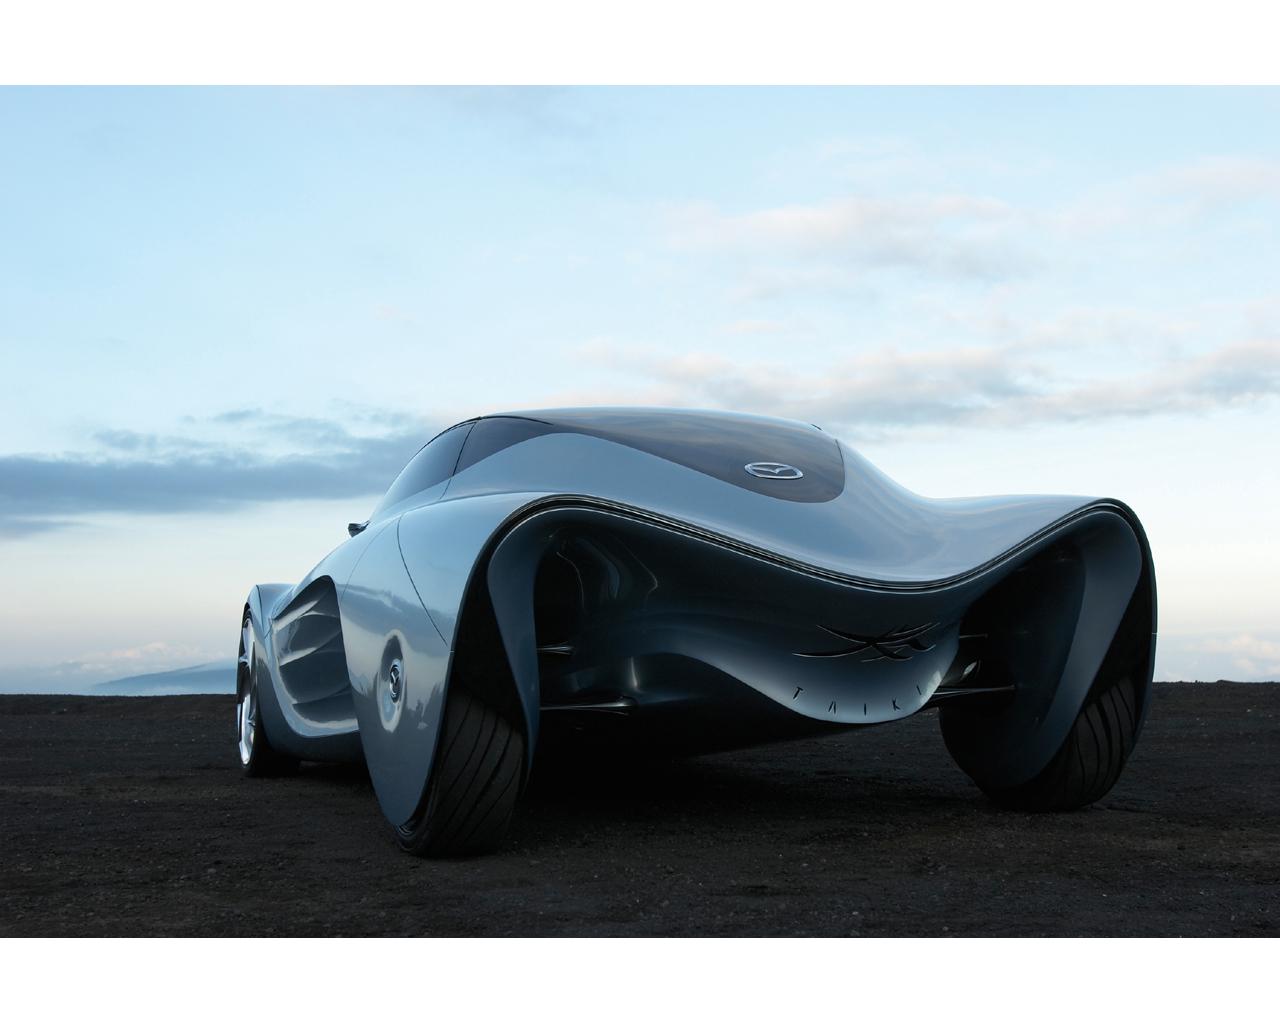 http://autoconcept-reviews.com/cars_reviews/mazda/mazda-taiki-concept-2007/wallpaper/mazda-taiki_rear__jpg2.jpg